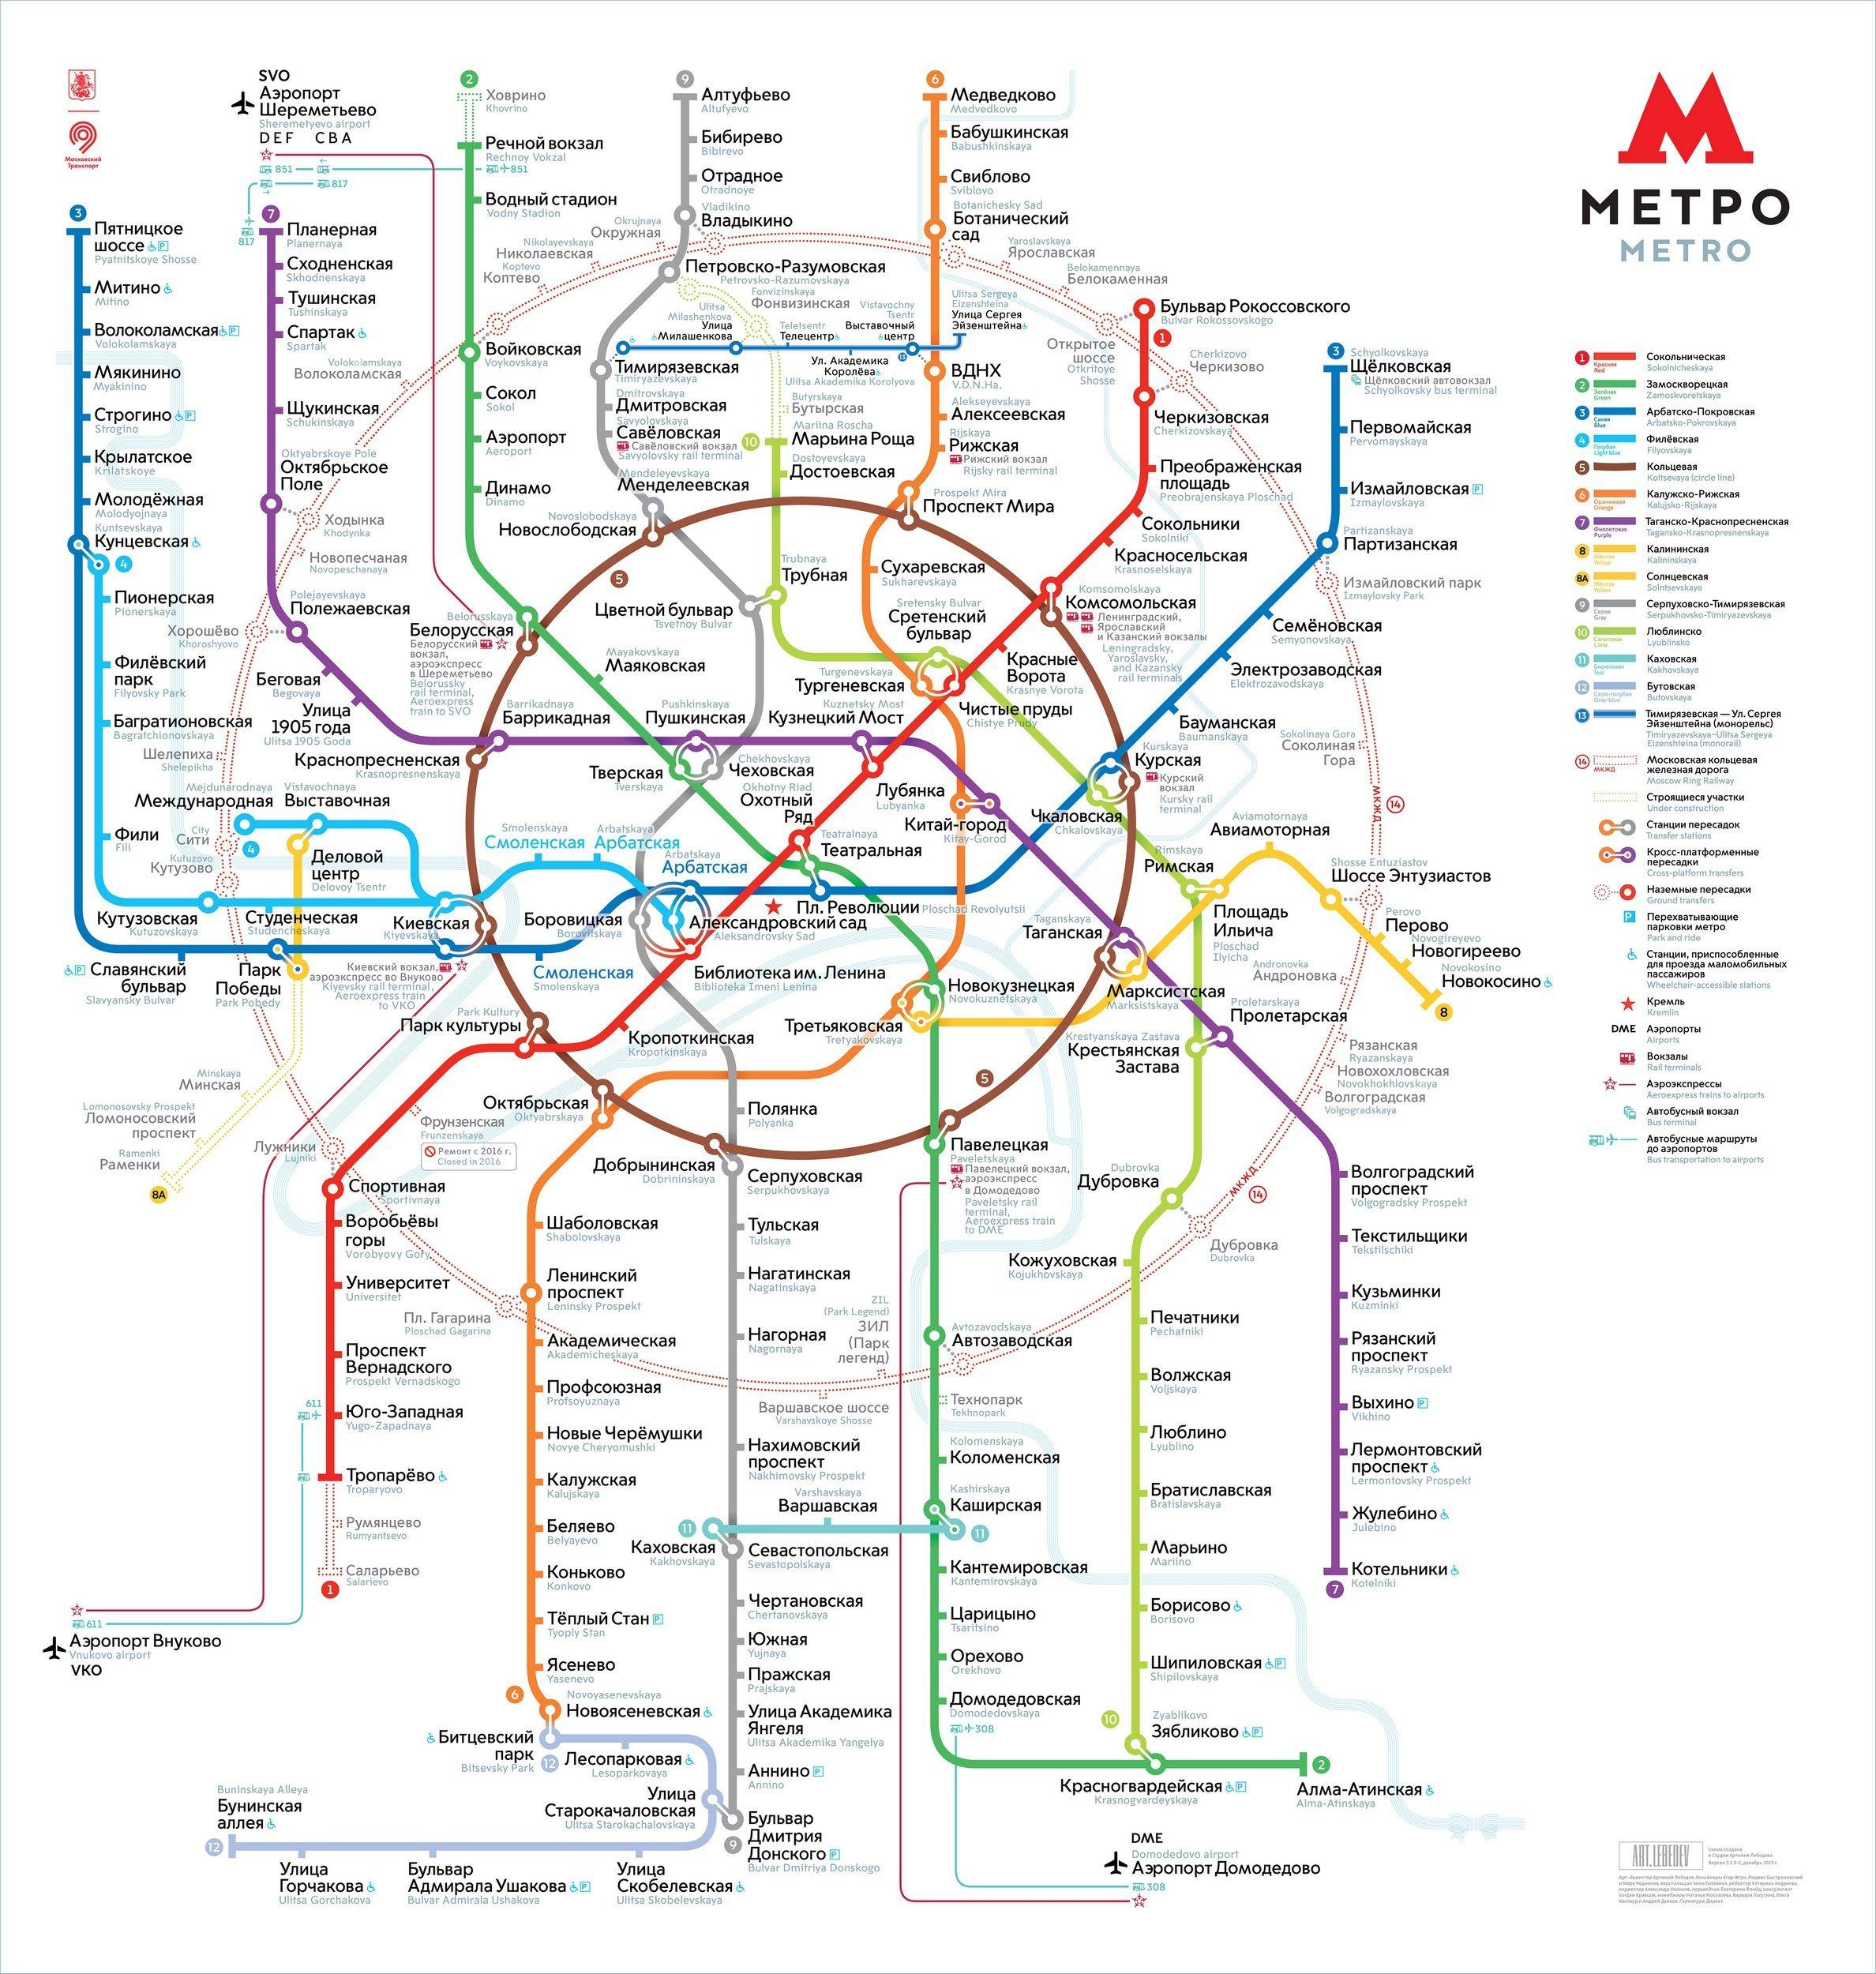 Схема метро трубная площадь